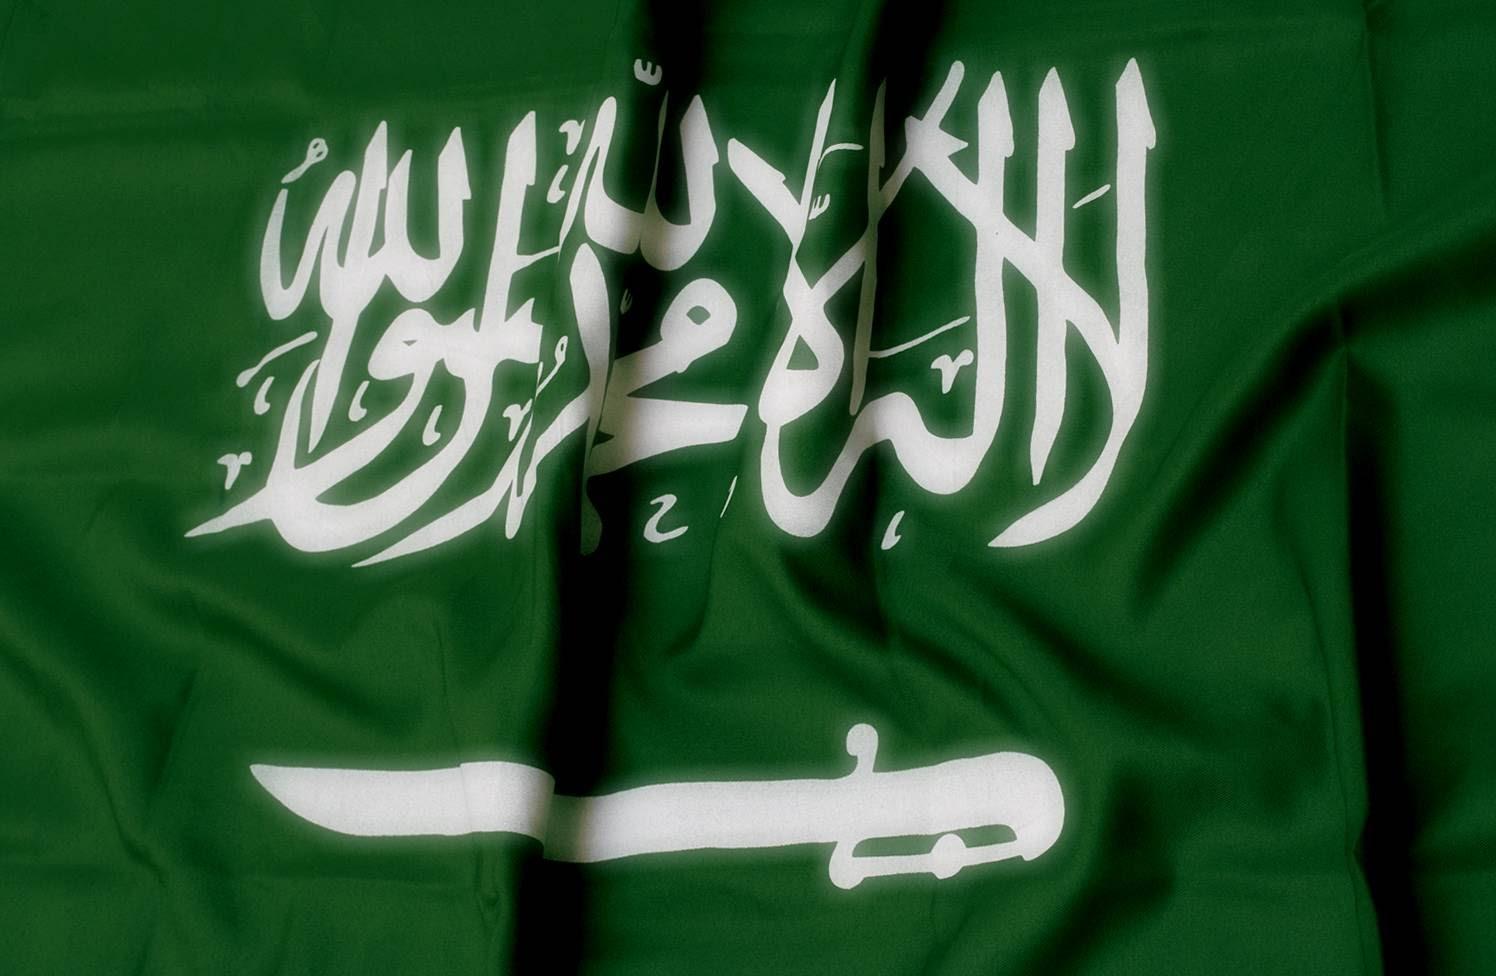 السعودية والأردن تطلقان صندوقا لدعم قطاع الأعمال - جريدة البورصة